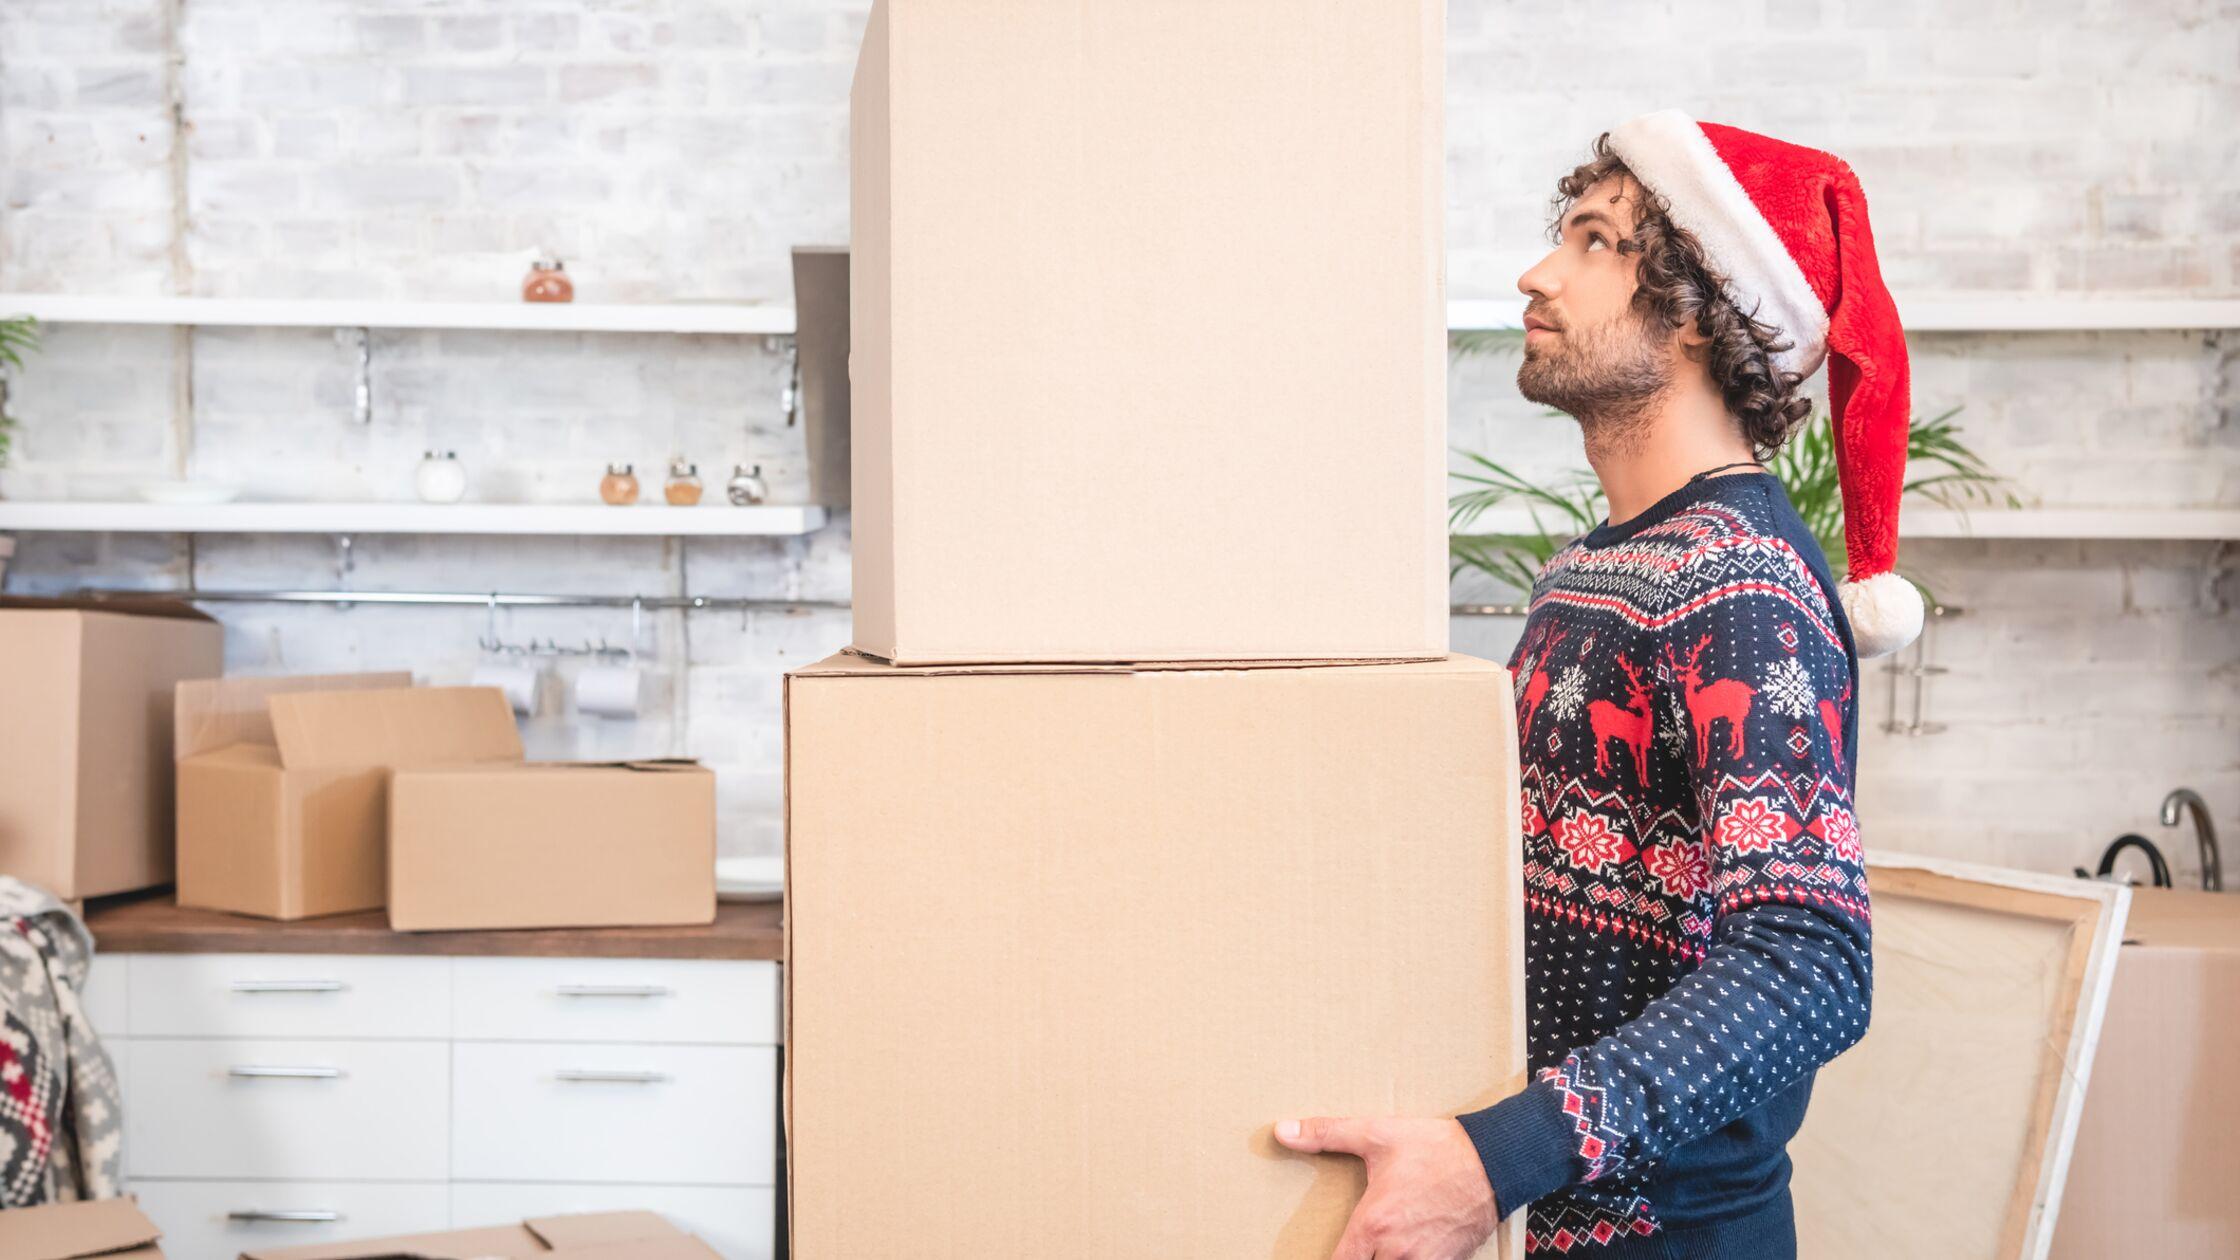 Umzug vor Weihnachten: 5 Tipps für mehr Festtagslaune